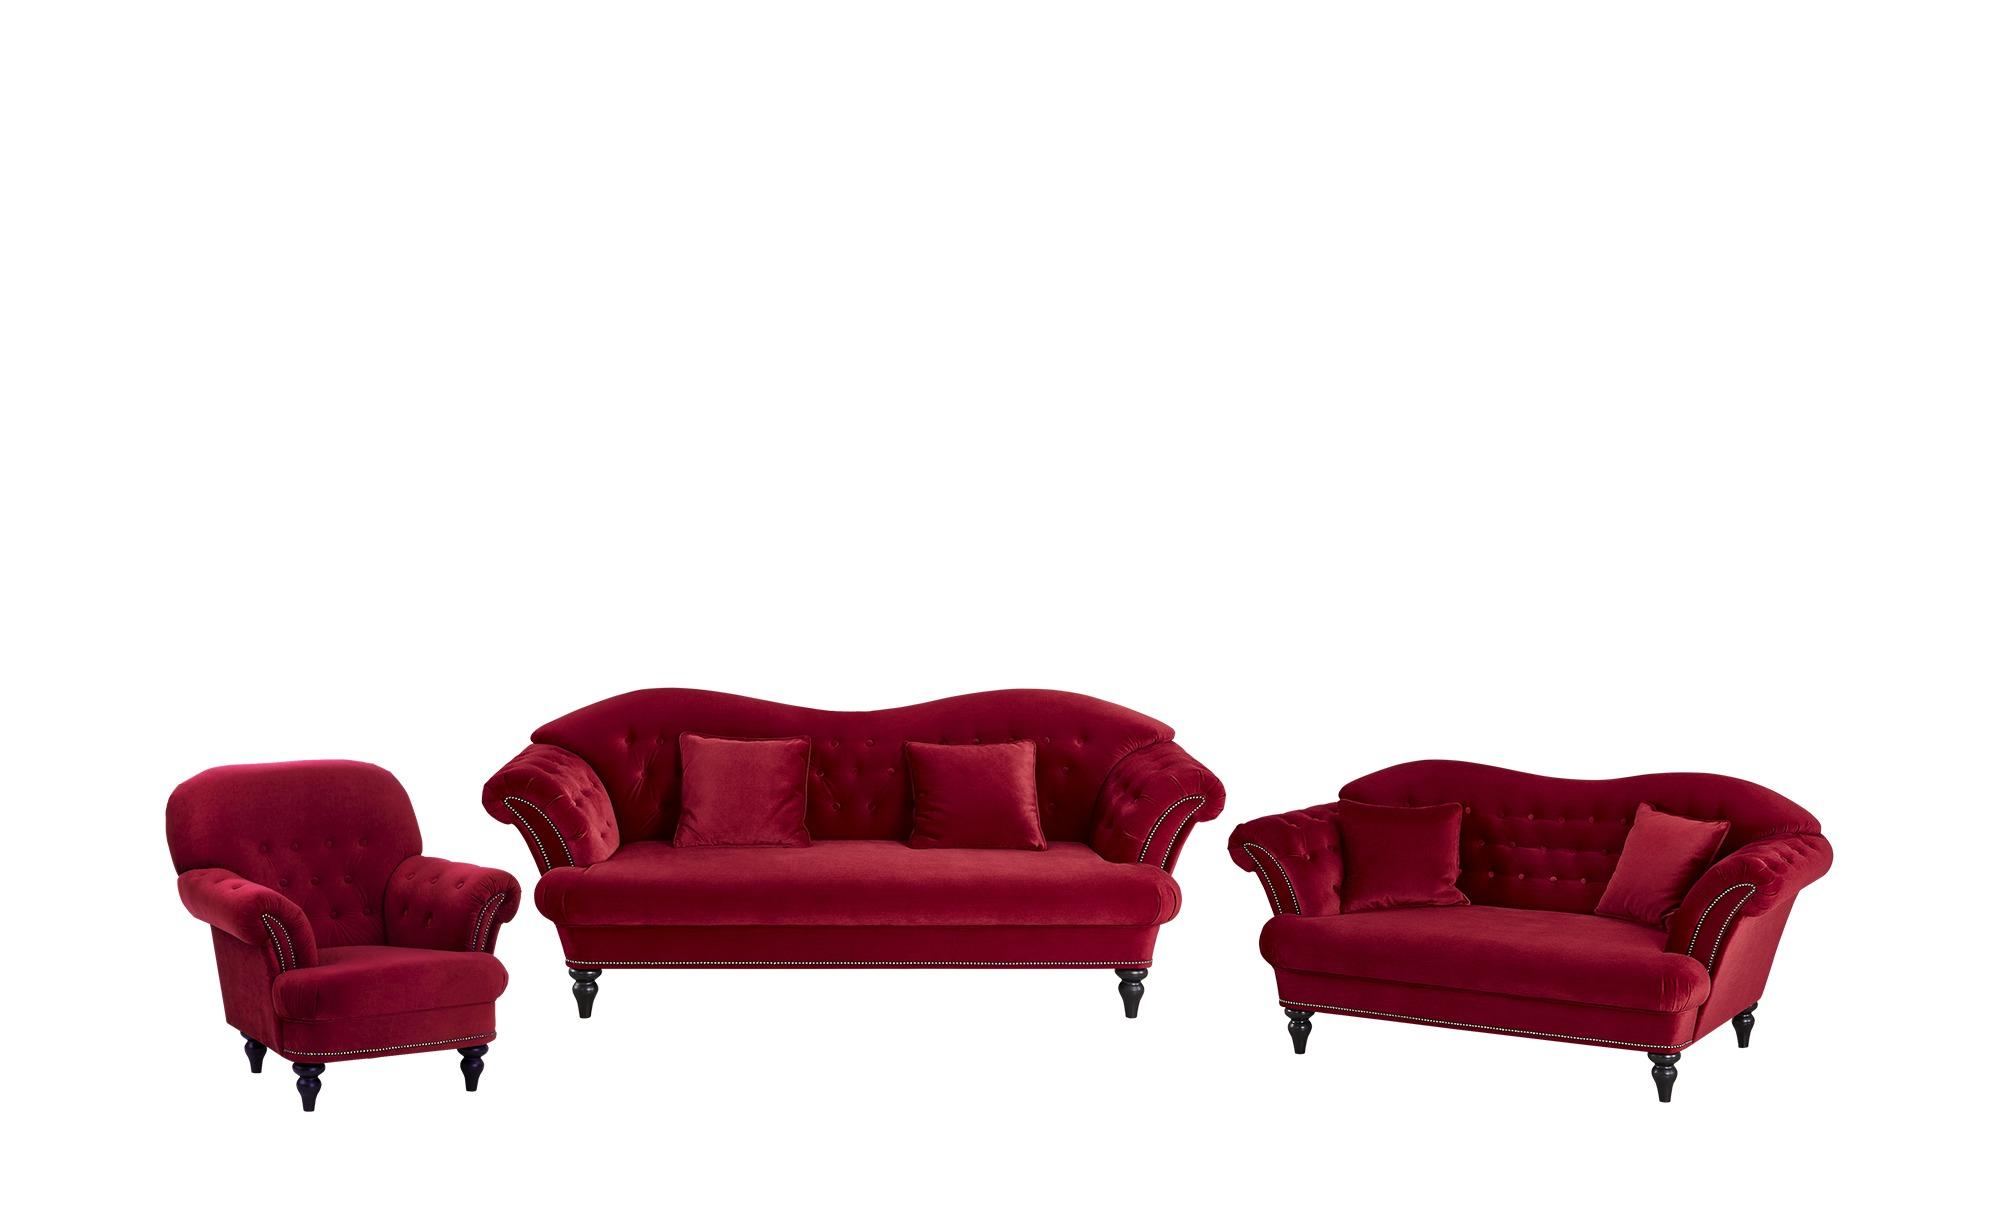 Full Size of Sofa Konfigurator Höffner Delife 3 Sitzer Regal Poco Big Mit Relaxfunktion Türkis Leder Mega Leinen Hay Mags Online Kaufen Für Esszimmer Grau Stoff Erpo Wohnzimmer Sofa Konfigurator Höffner